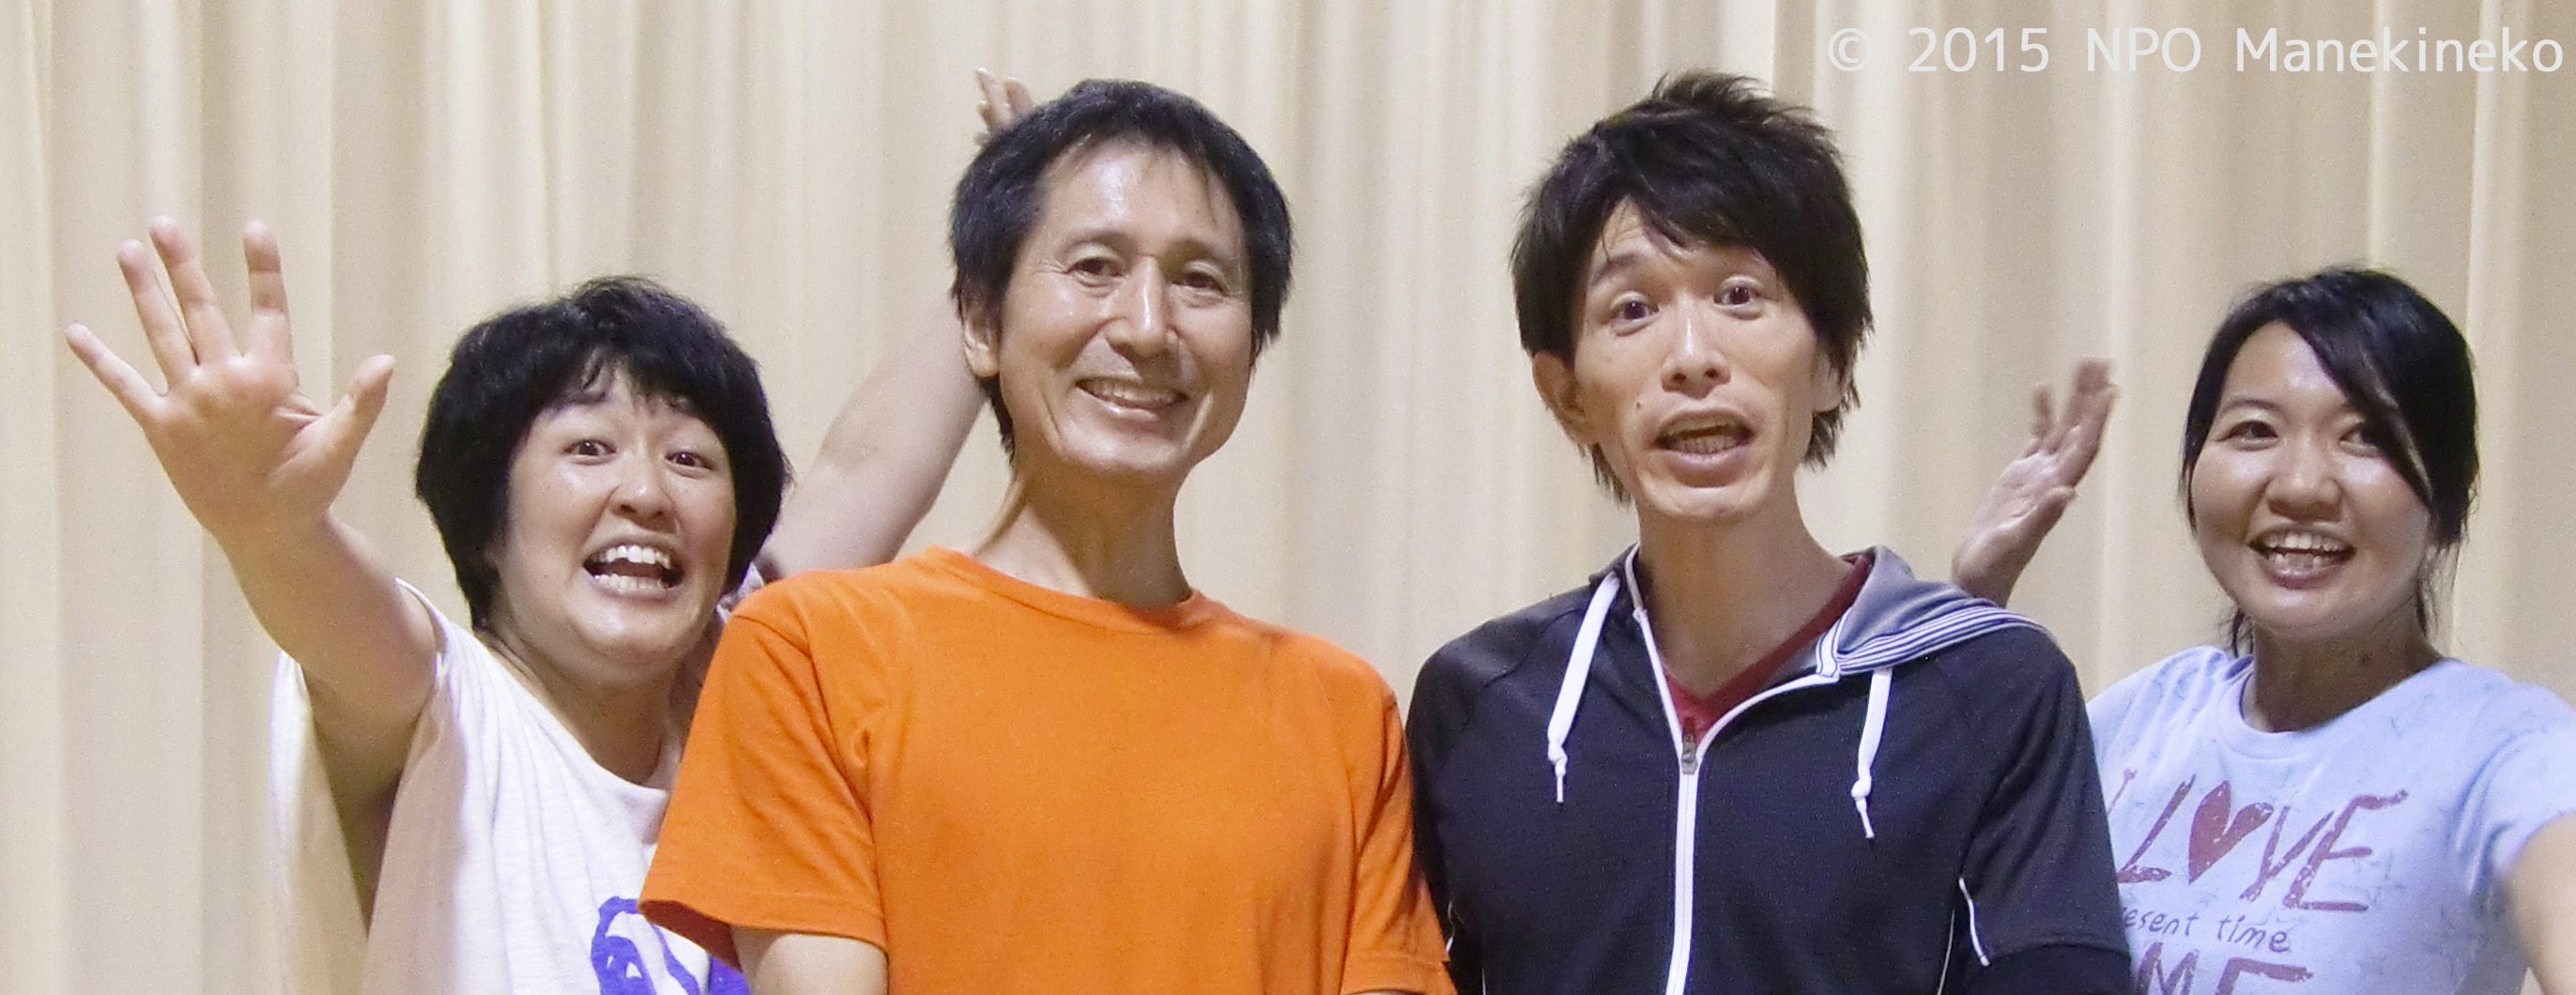 今井敦さん